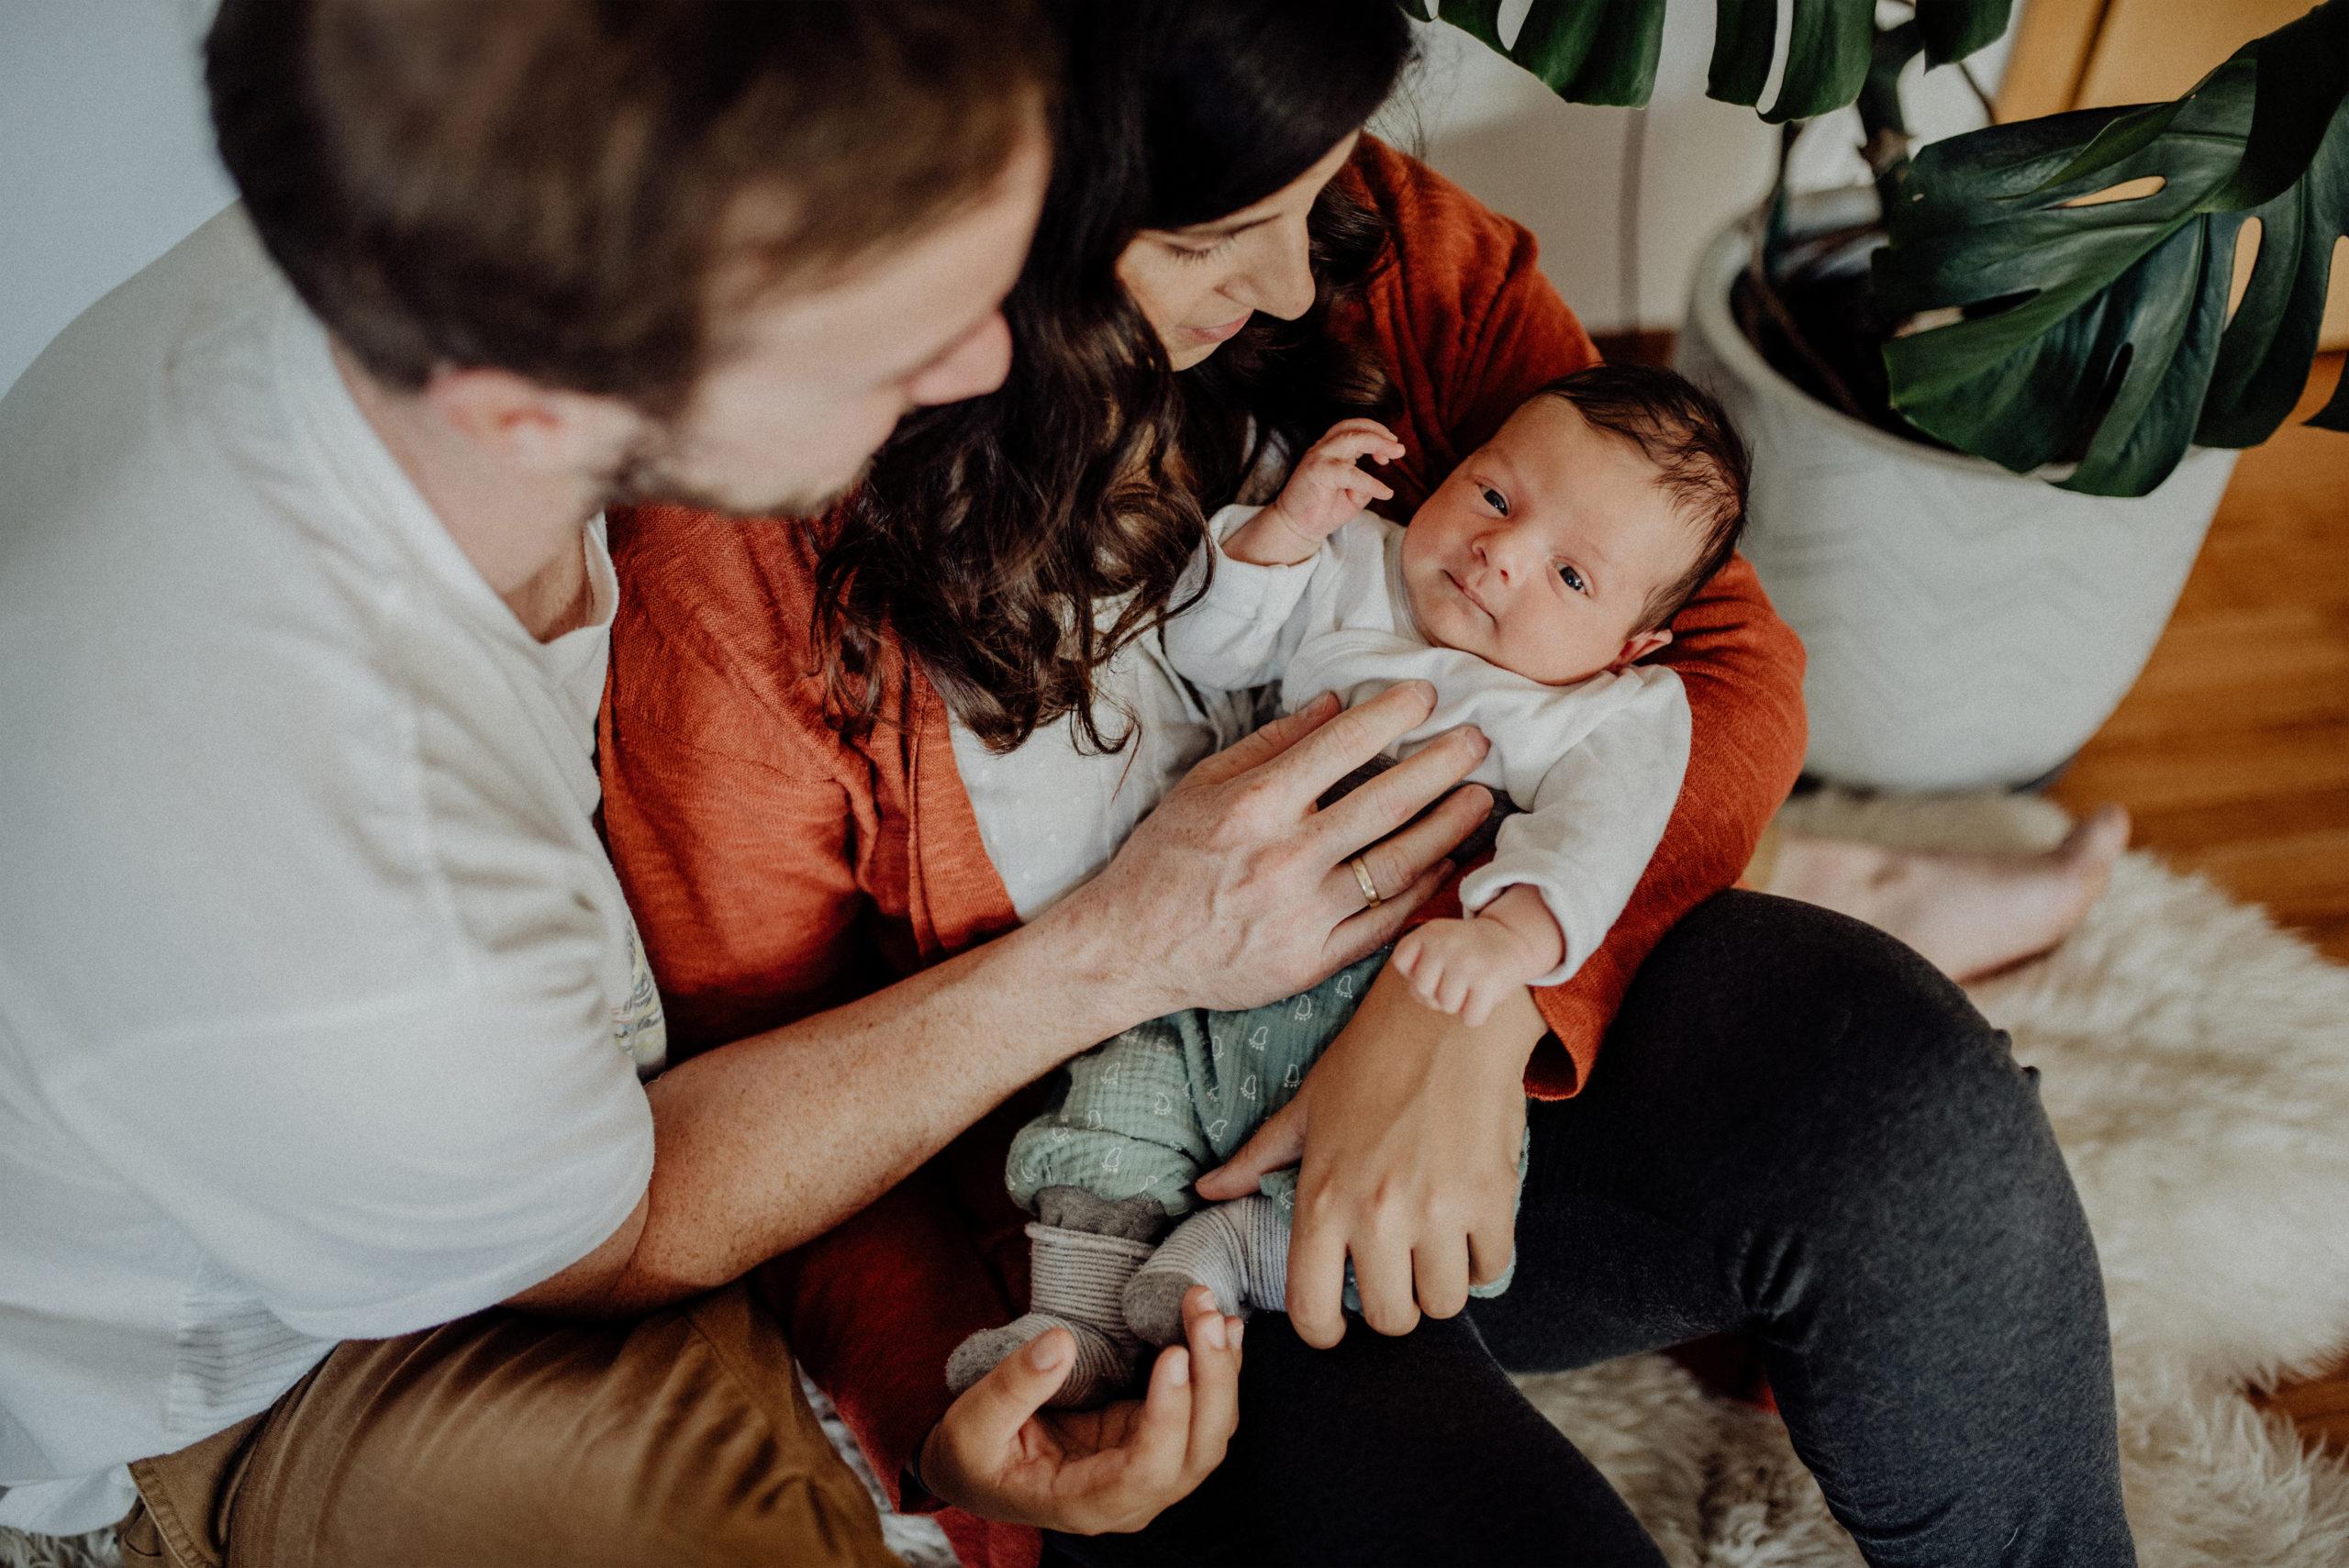 023-Witten-Homestory-Homesession-Newborn-Baby-Fotoshooting